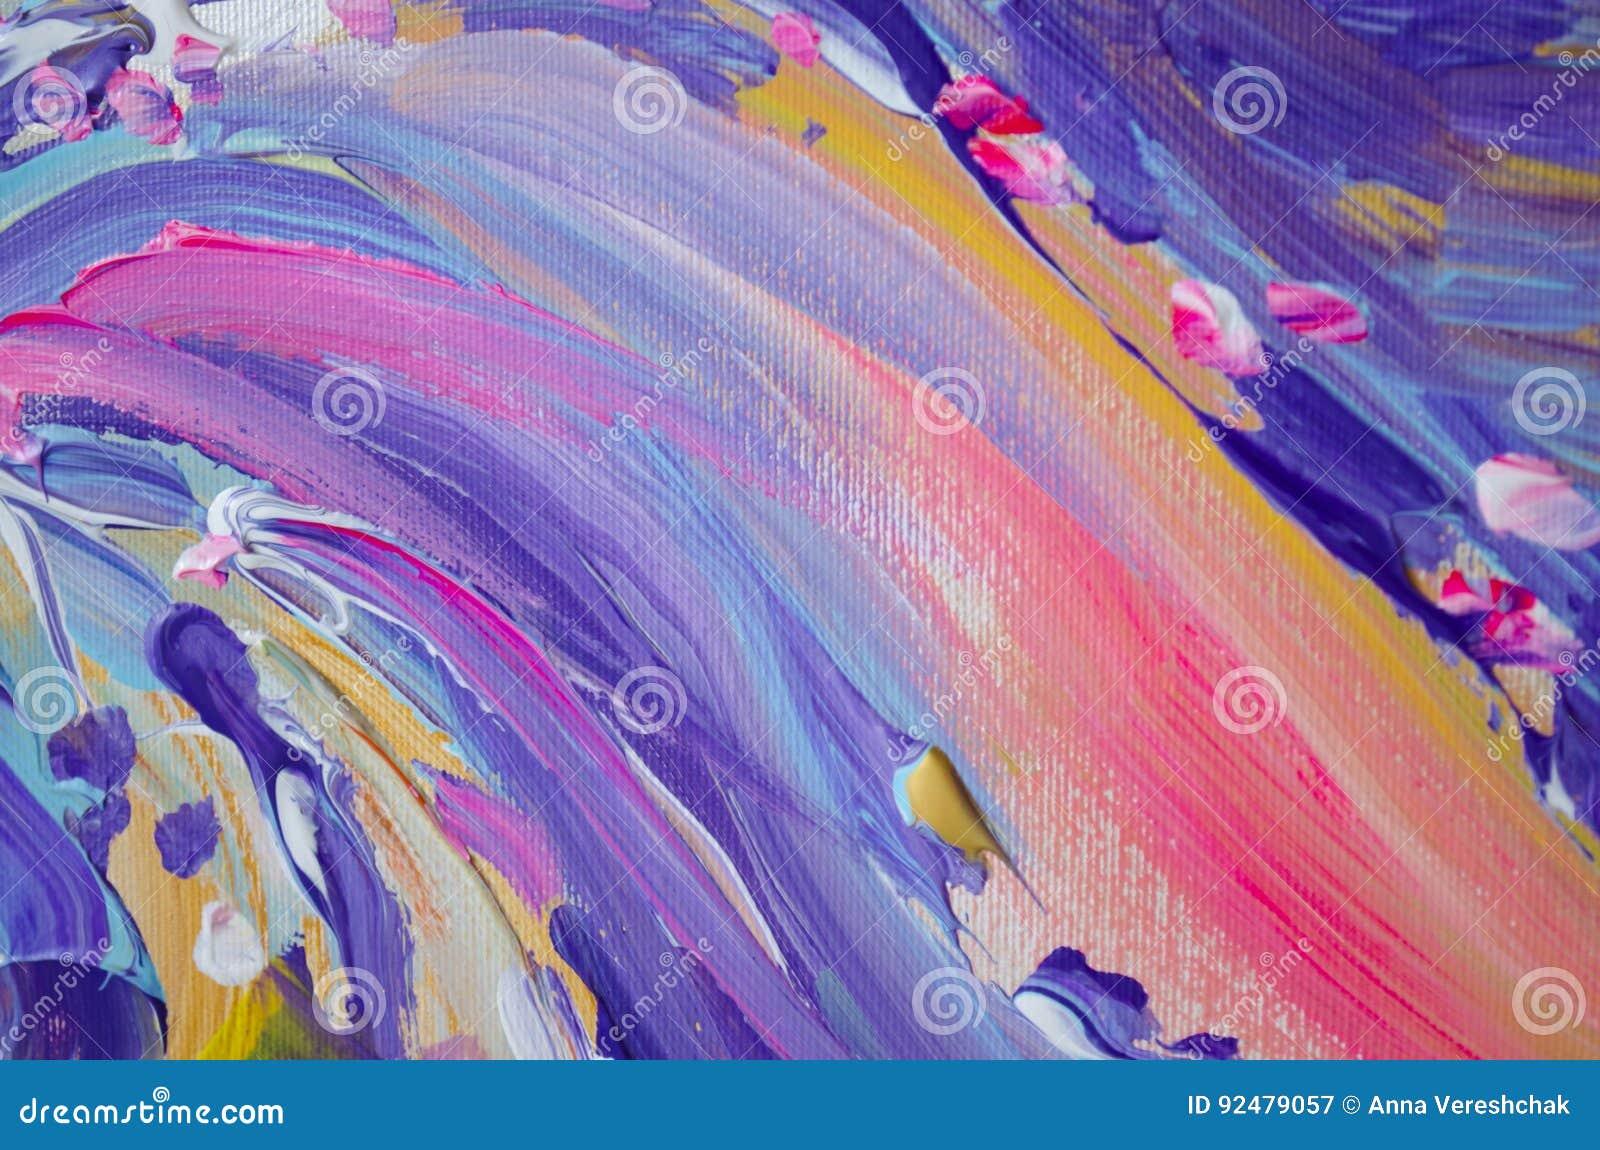 peinture acrylique tirée par la main fond d'art abstrait peinture